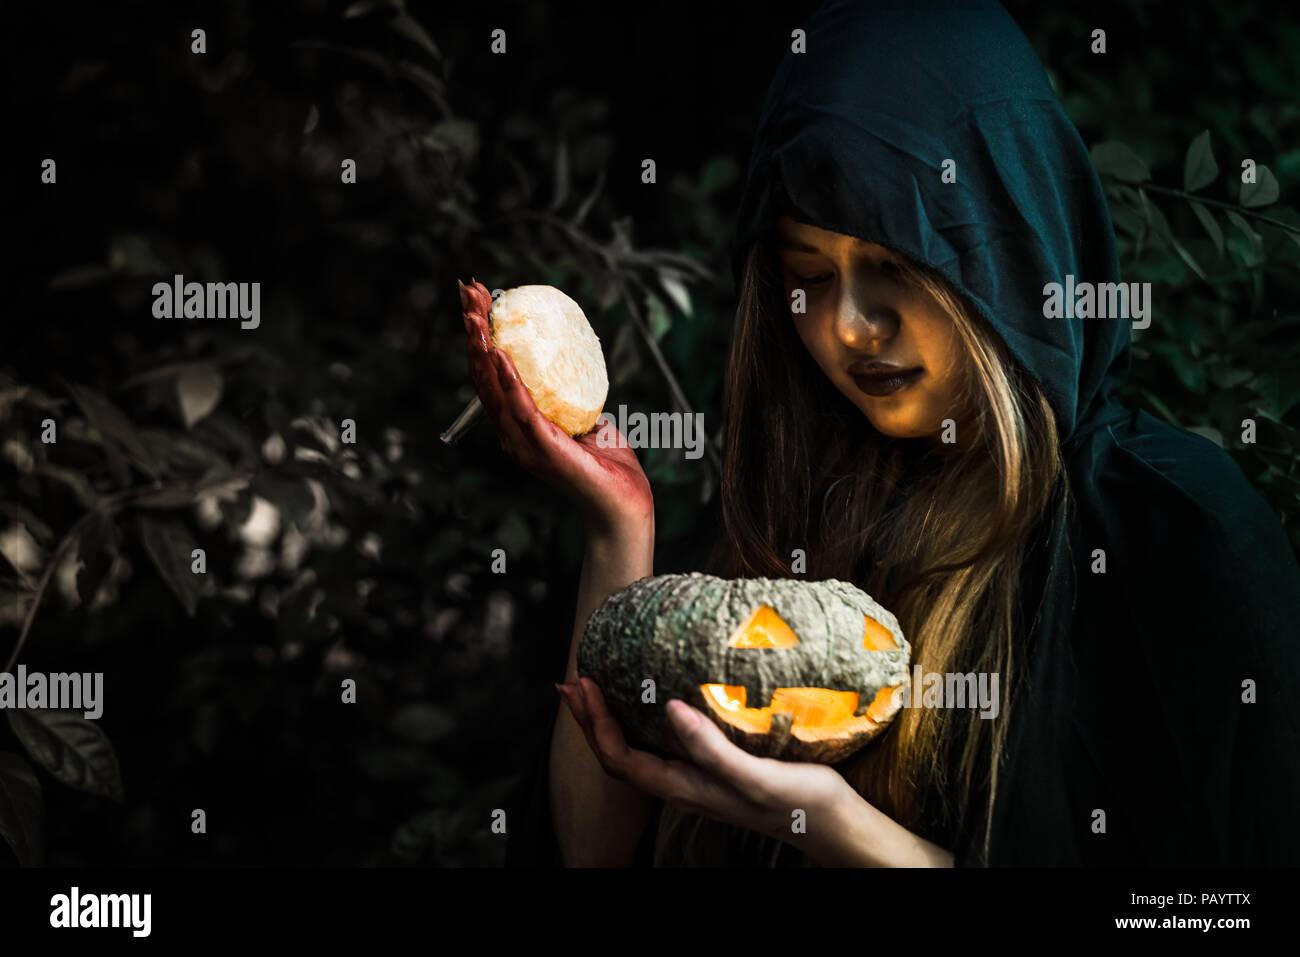 Strega zucca di apertura coperchio a mano. Vecchia donna azienda zucca luminosa nella foresta scura. Il giorno di Halloween e il mistero del concetto. La fantasia del tema di magic. Un demone Immagini Stock